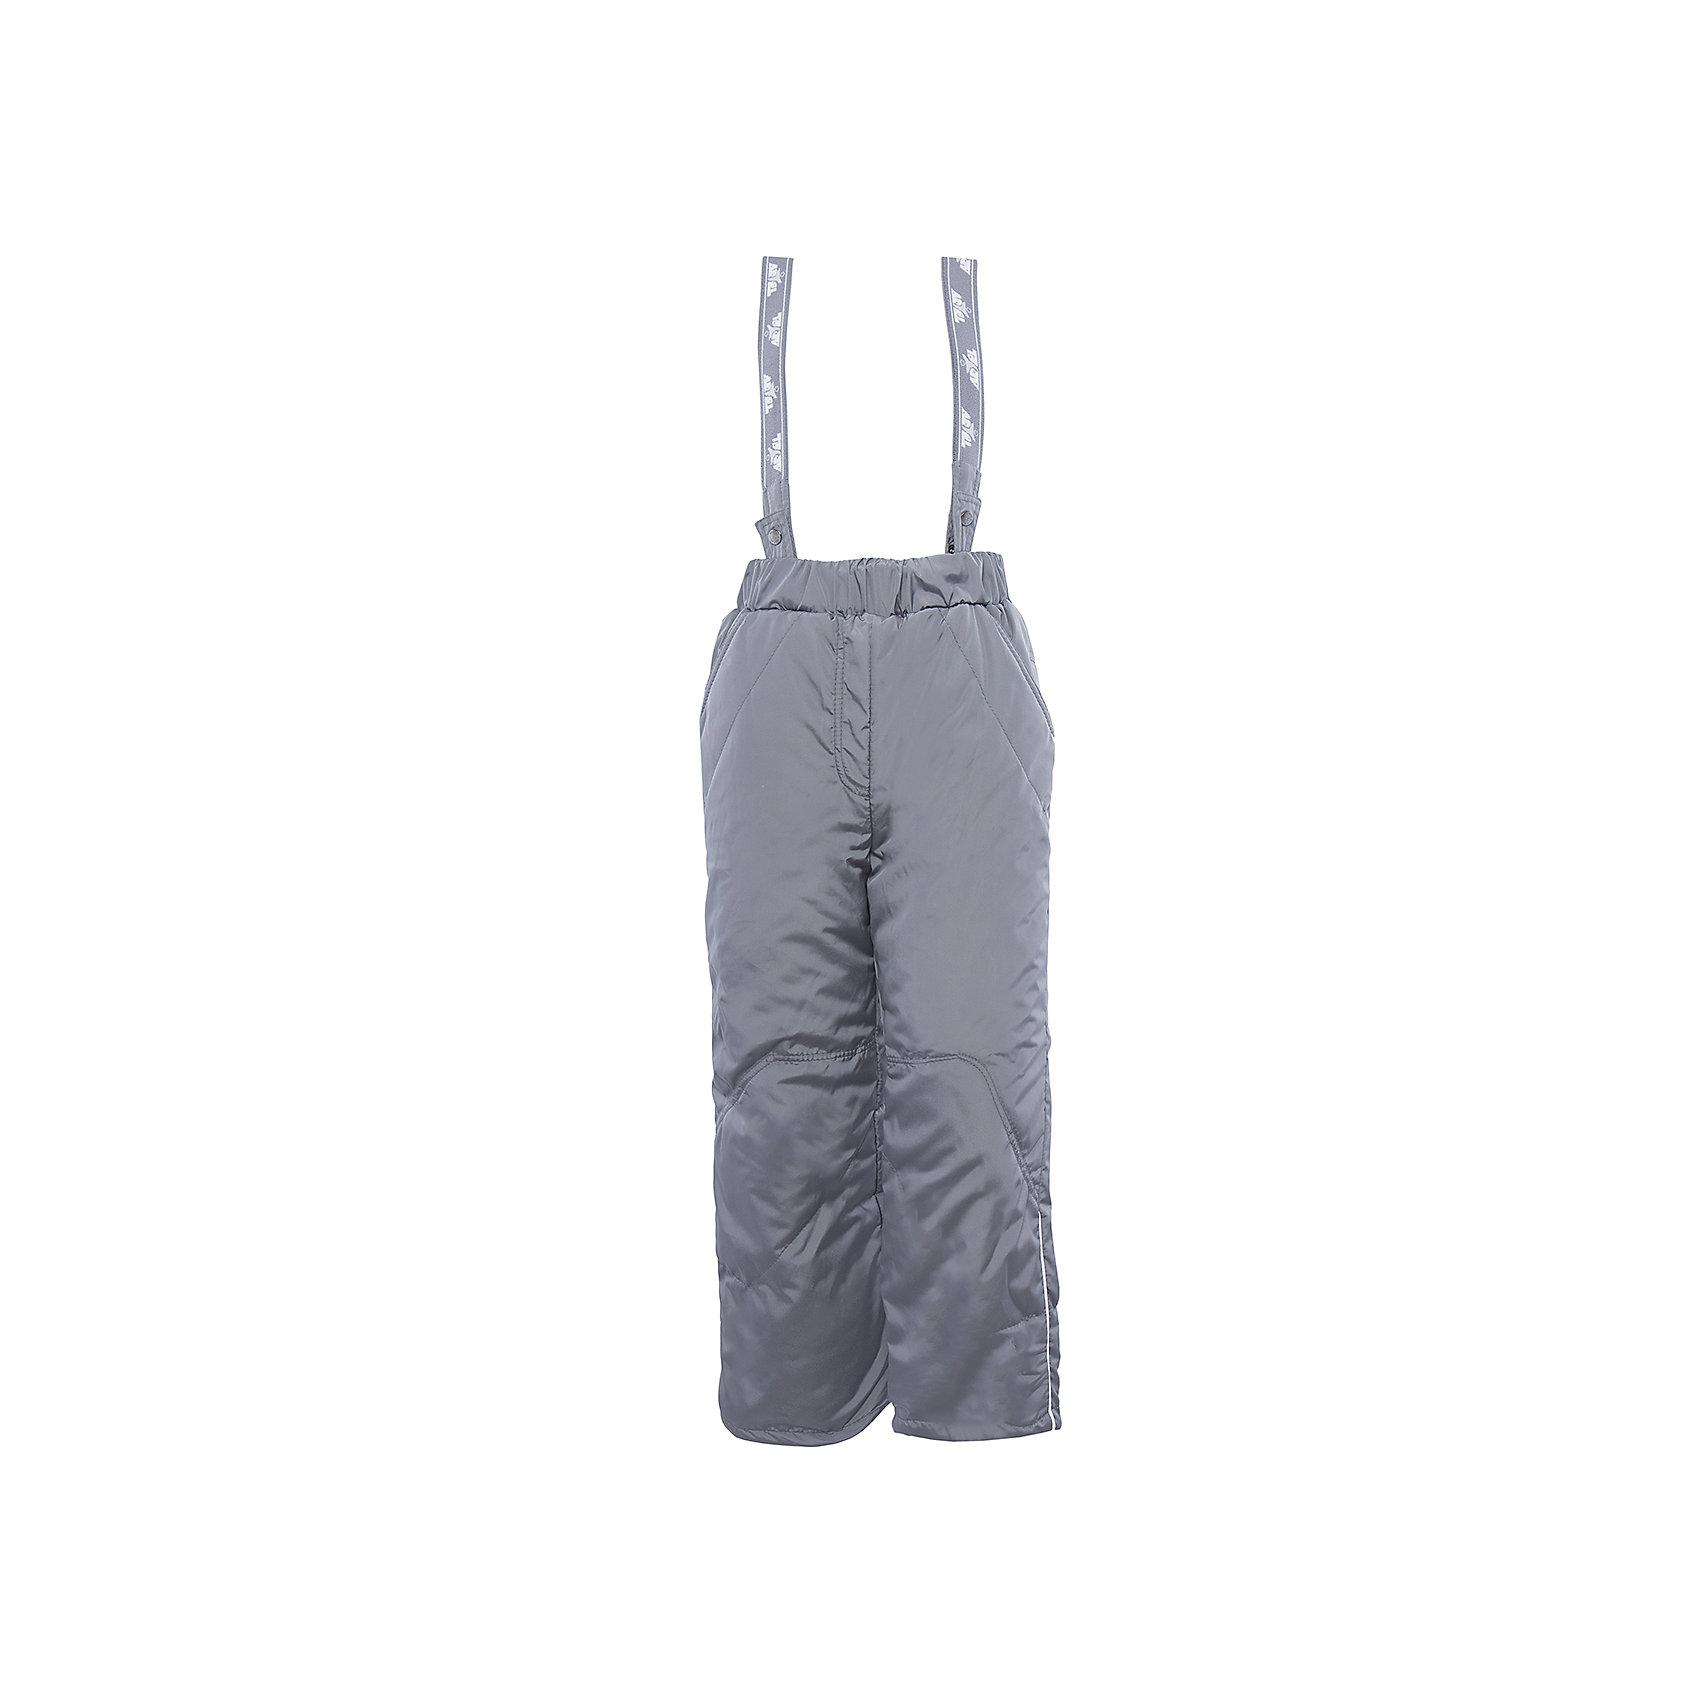 Брюки для мальчика АртельВерхняя одежда<br>Брюки для мальчика от известного бренда Артель<br>Утепленные брюки для мальчика со съемной спинкой. Эта модель универсальна, т.к. может использоваться как полукомбинезон и просто как брюки. Сзади спинка крепится на молнию<br>Состав:<br>Верх: PRINCE<br>Подкладка: тиси<br>Утеплитель: термофайбер 100гр<br><br>Ширина мм: 215<br>Глубина мм: 88<br>Высота мм: 191<br>Вес г: 336<br>Цвет: серый<br>Возраст от месяцев: 72<br>Возраст до месяцев: 84<br>Пол: Мужской<br>Возраст: Детский<br>Размер: 122,164,128,134,140,146,152,158<br>SKU: 4963856